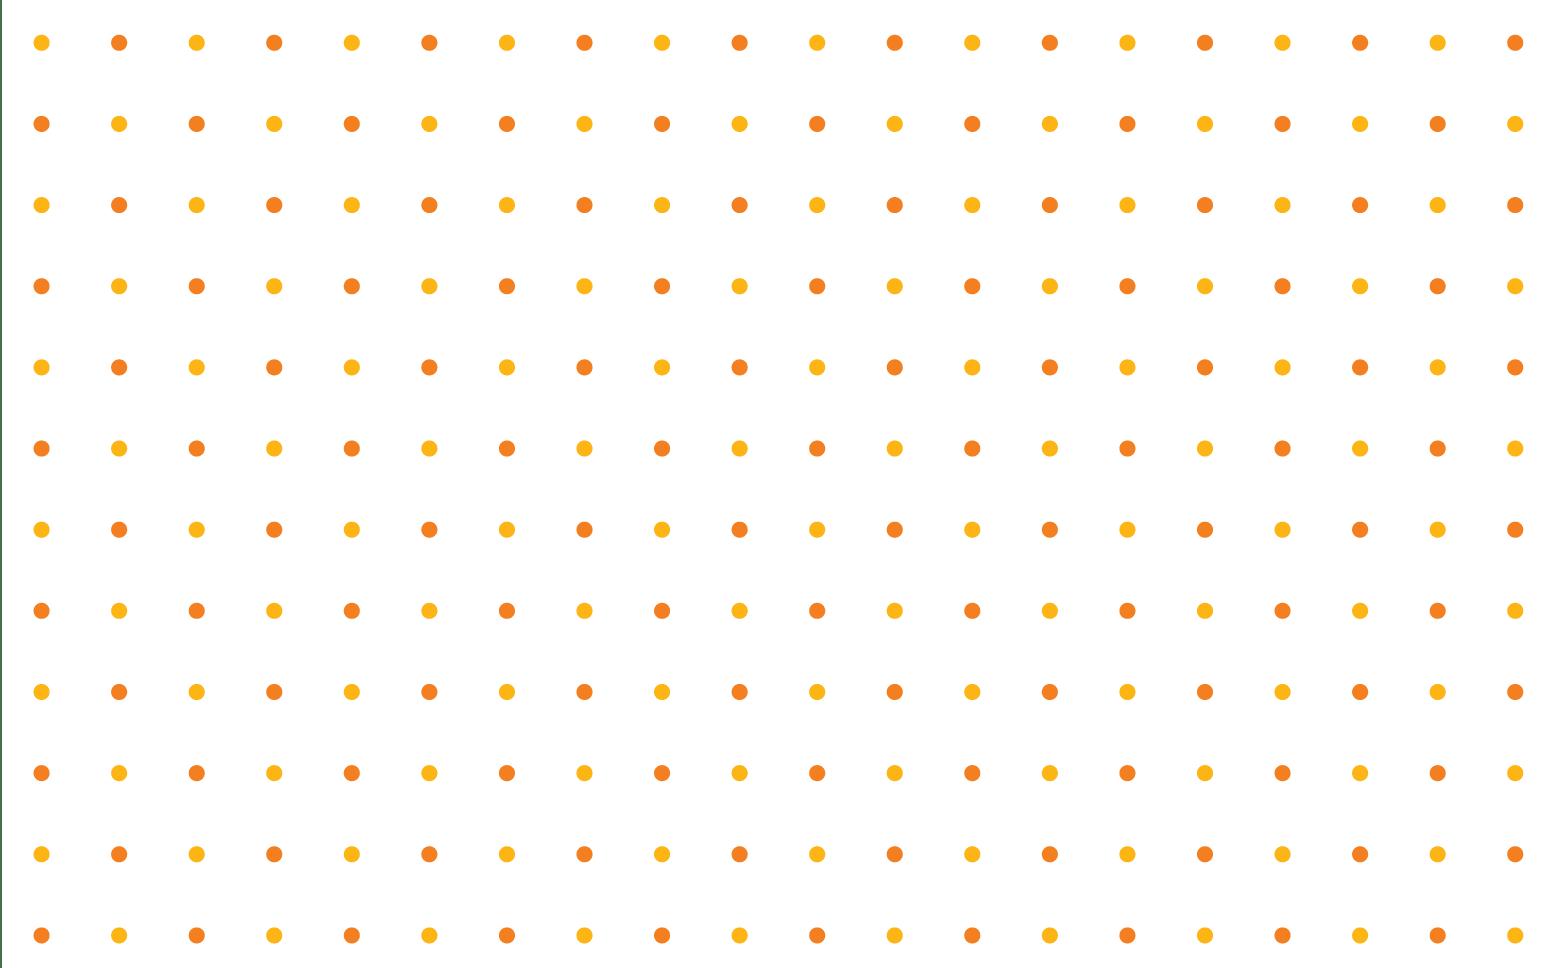 KarenMessing-Patterns-2